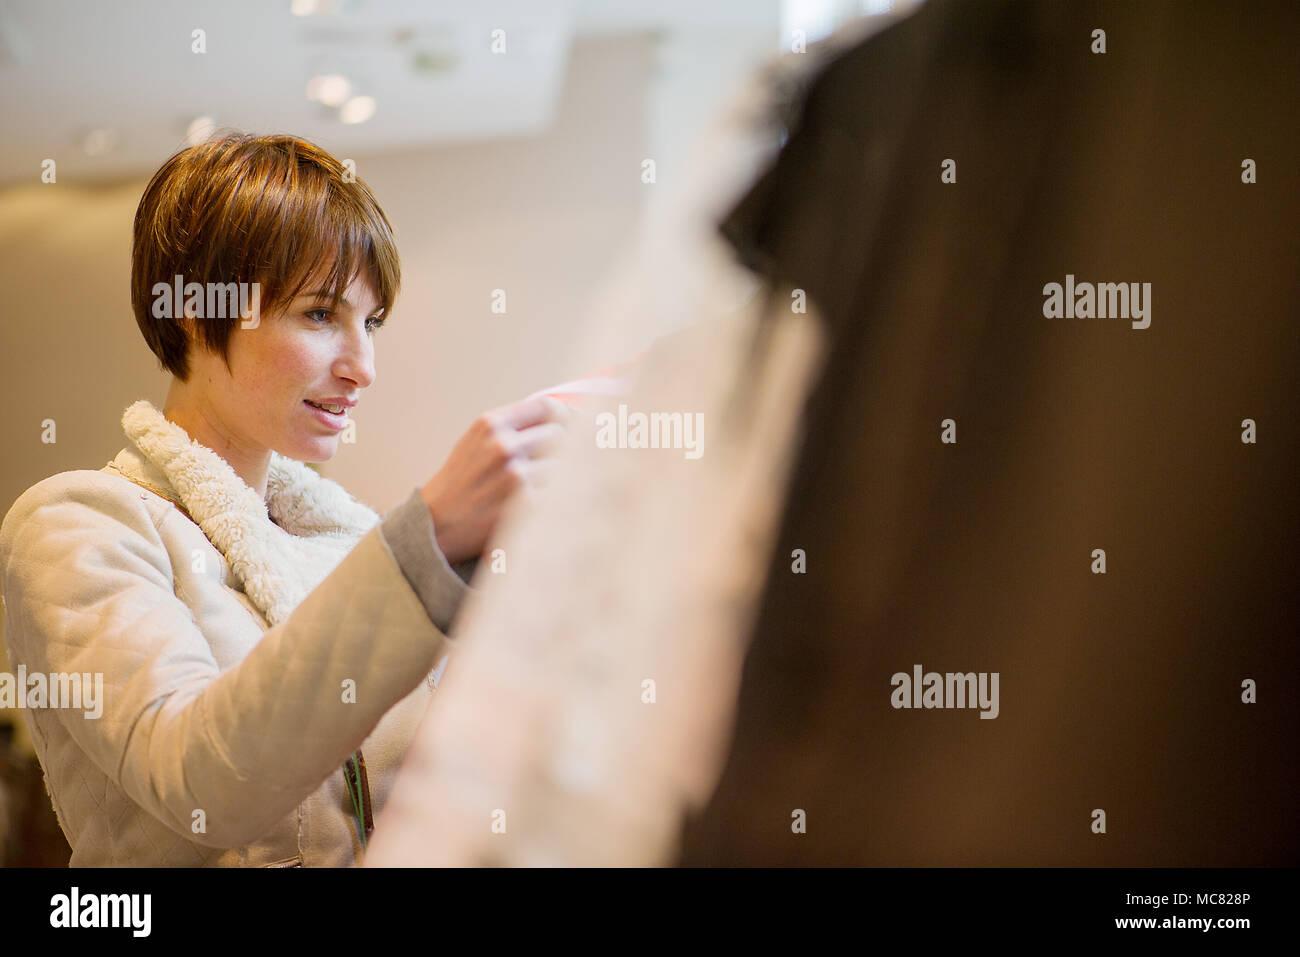 Frau im Bekleidungsgeschäft einkaufen Stockbild